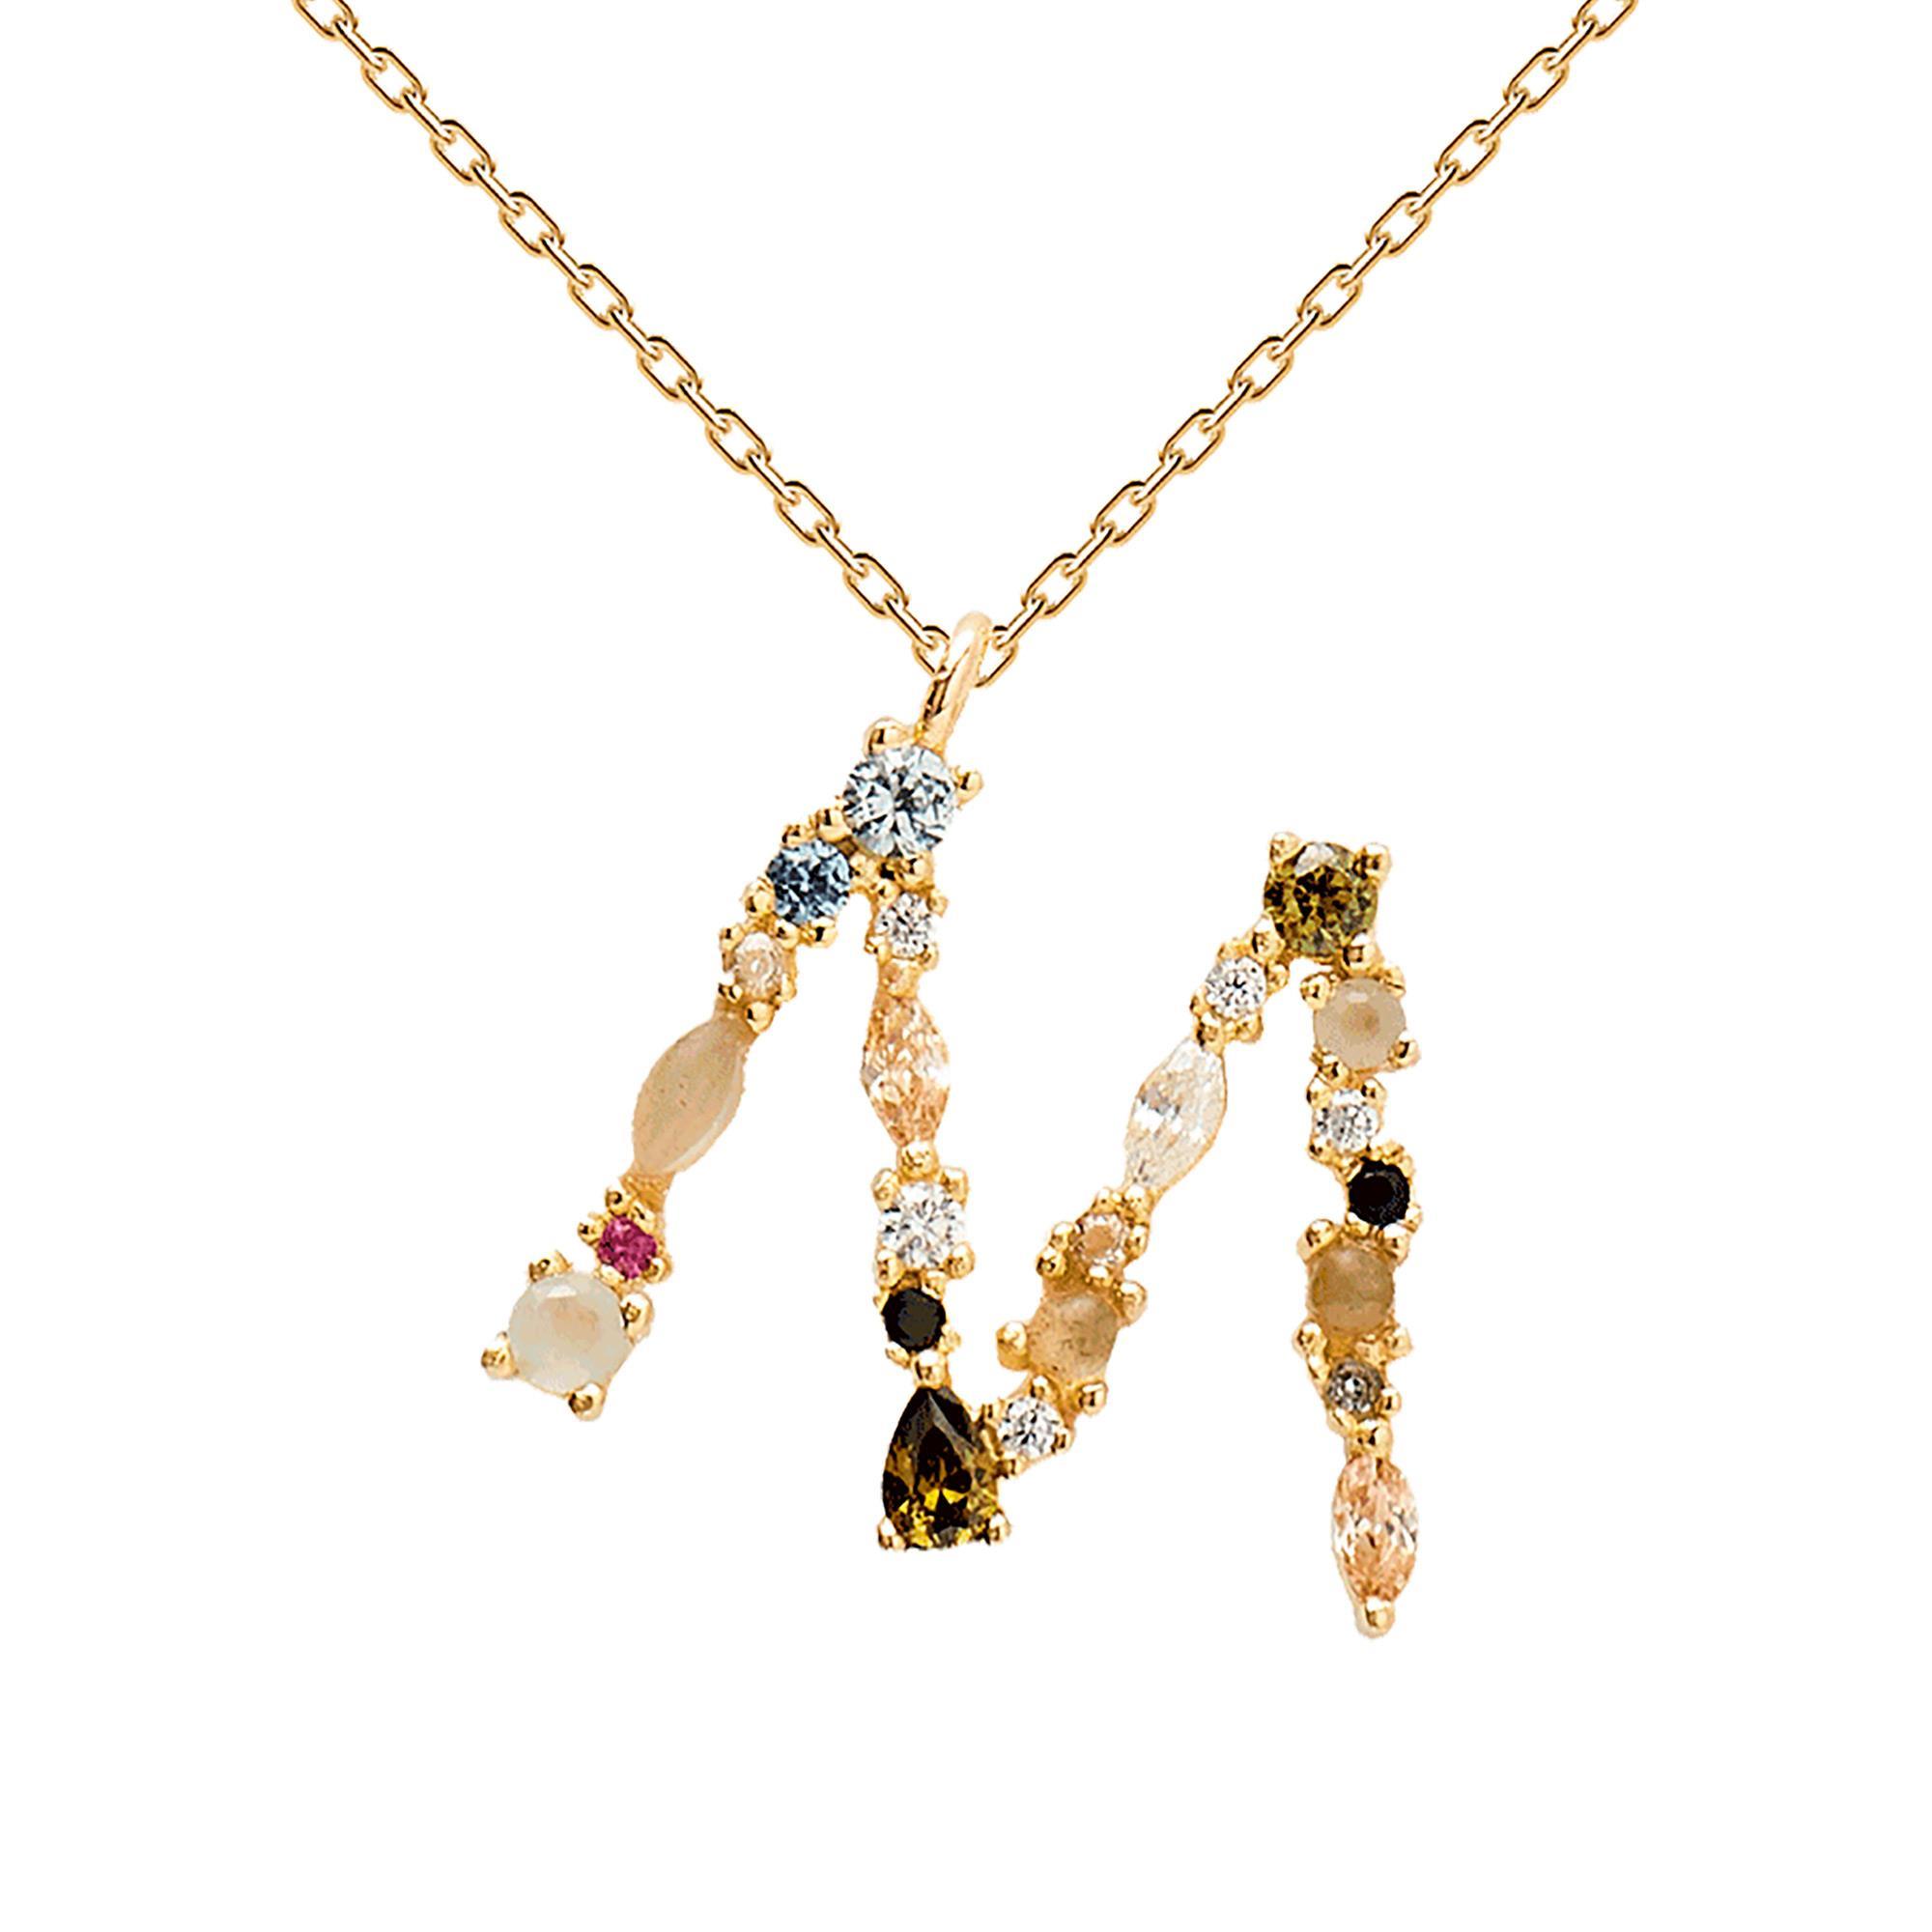 Collana Lettera M Oro Zirconi e Pietre Donna - PDPAOLA